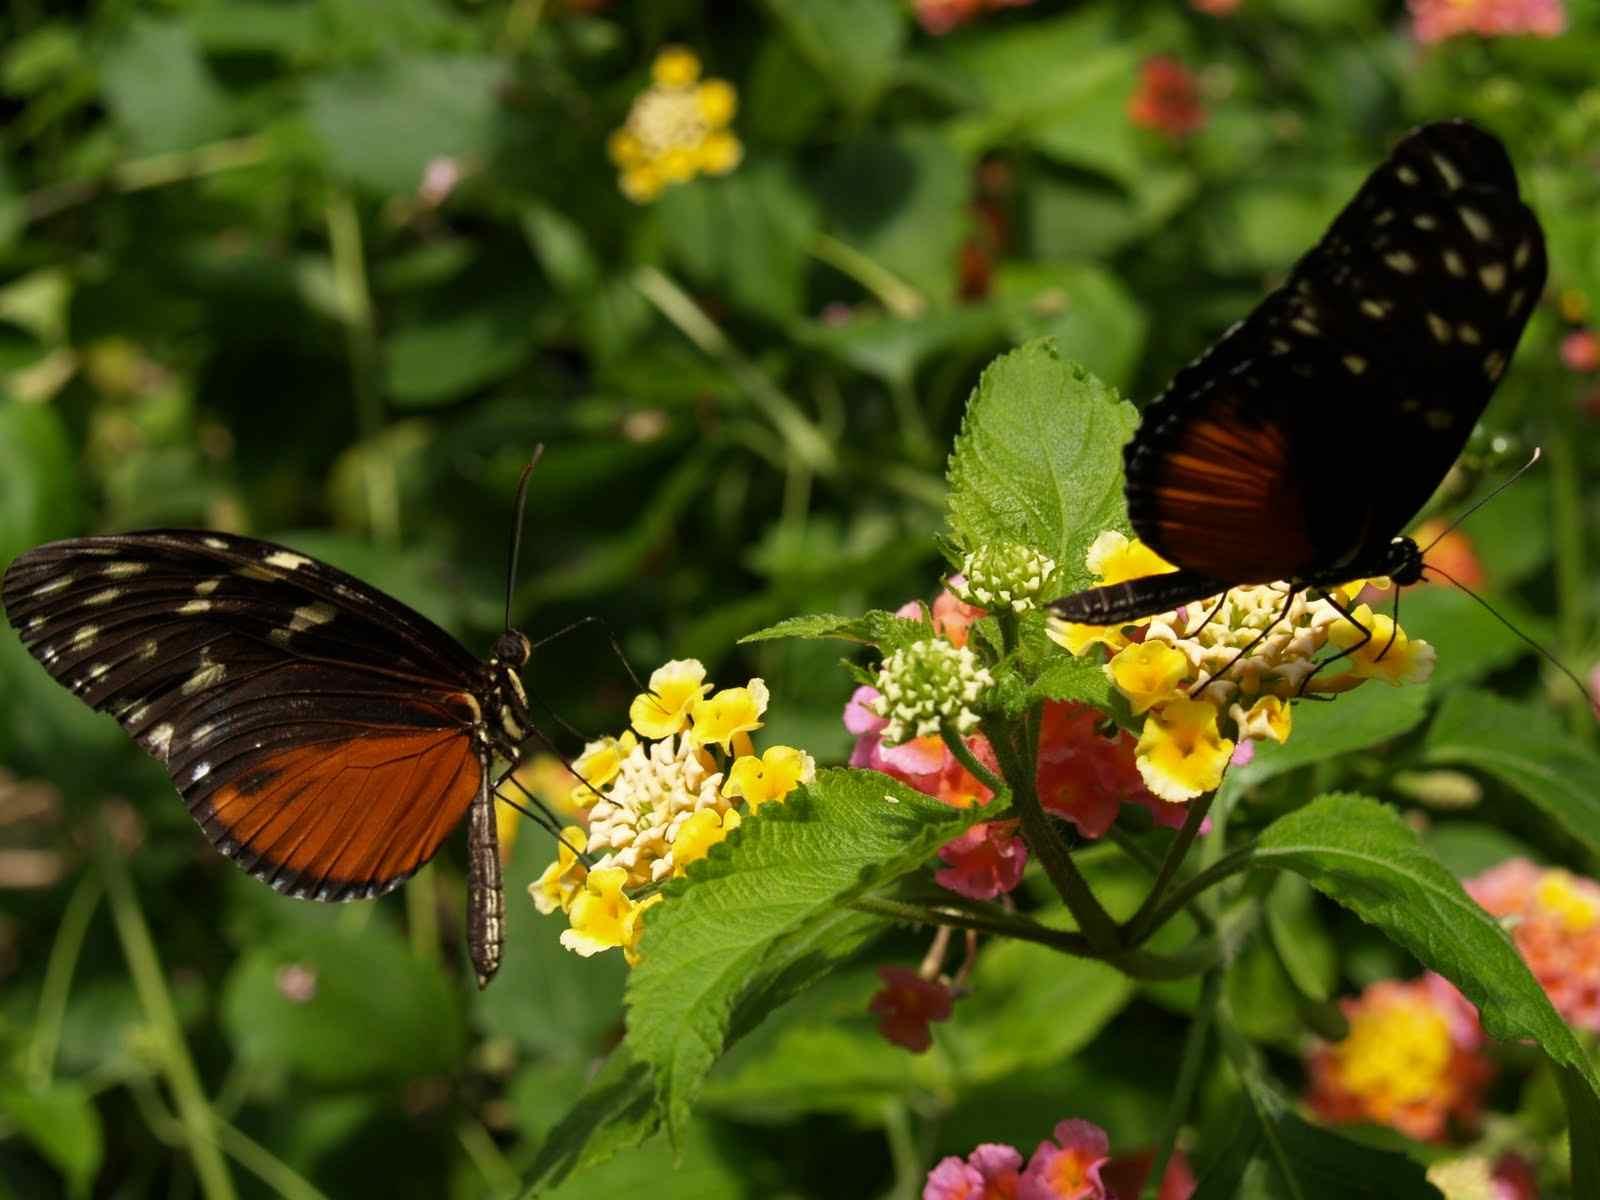 حديقة الفراشات كاميرون هايلاند - السياحة في كاميرون هايلاند